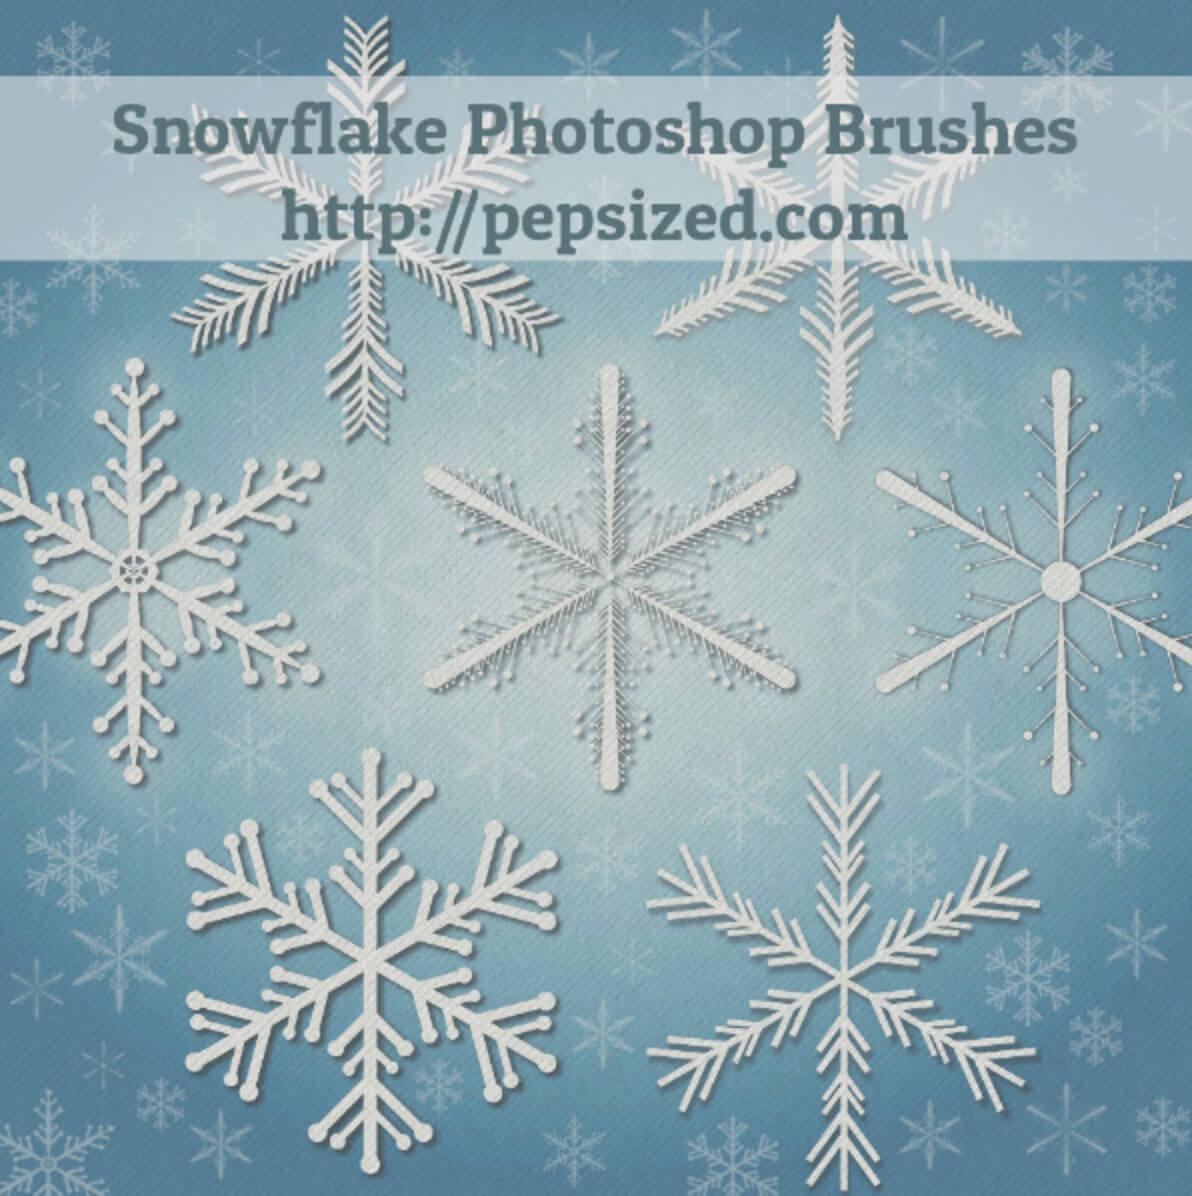 Кисти для рисования снежинок в Фотошопе